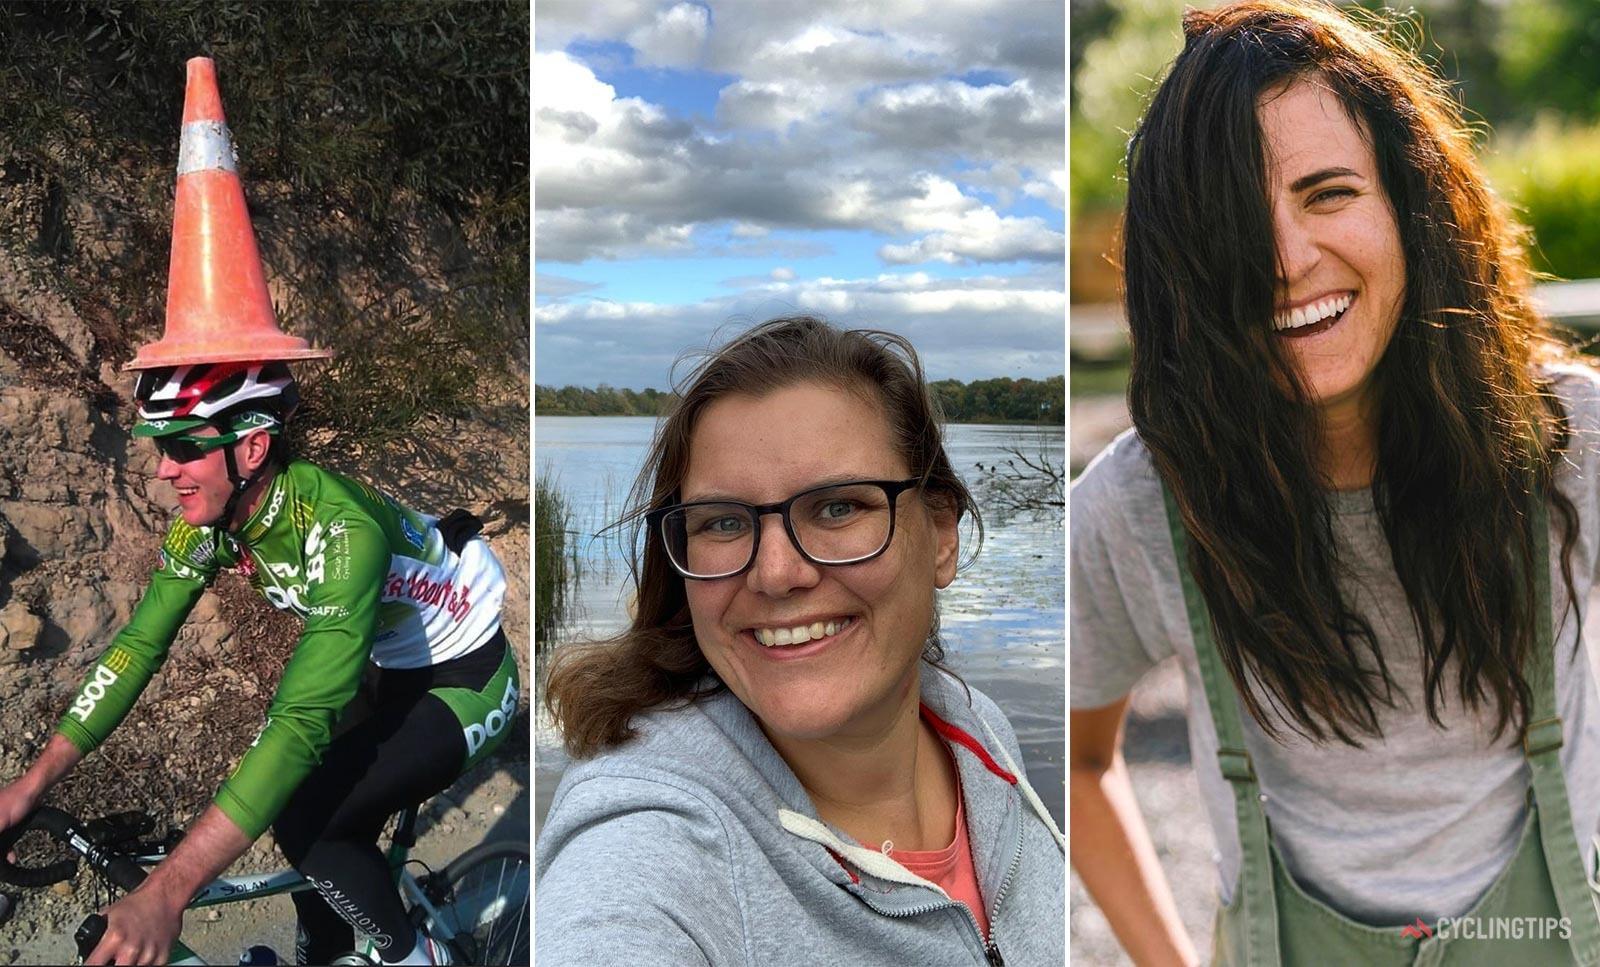 Nye ansigter og stemmer på CyclingTips